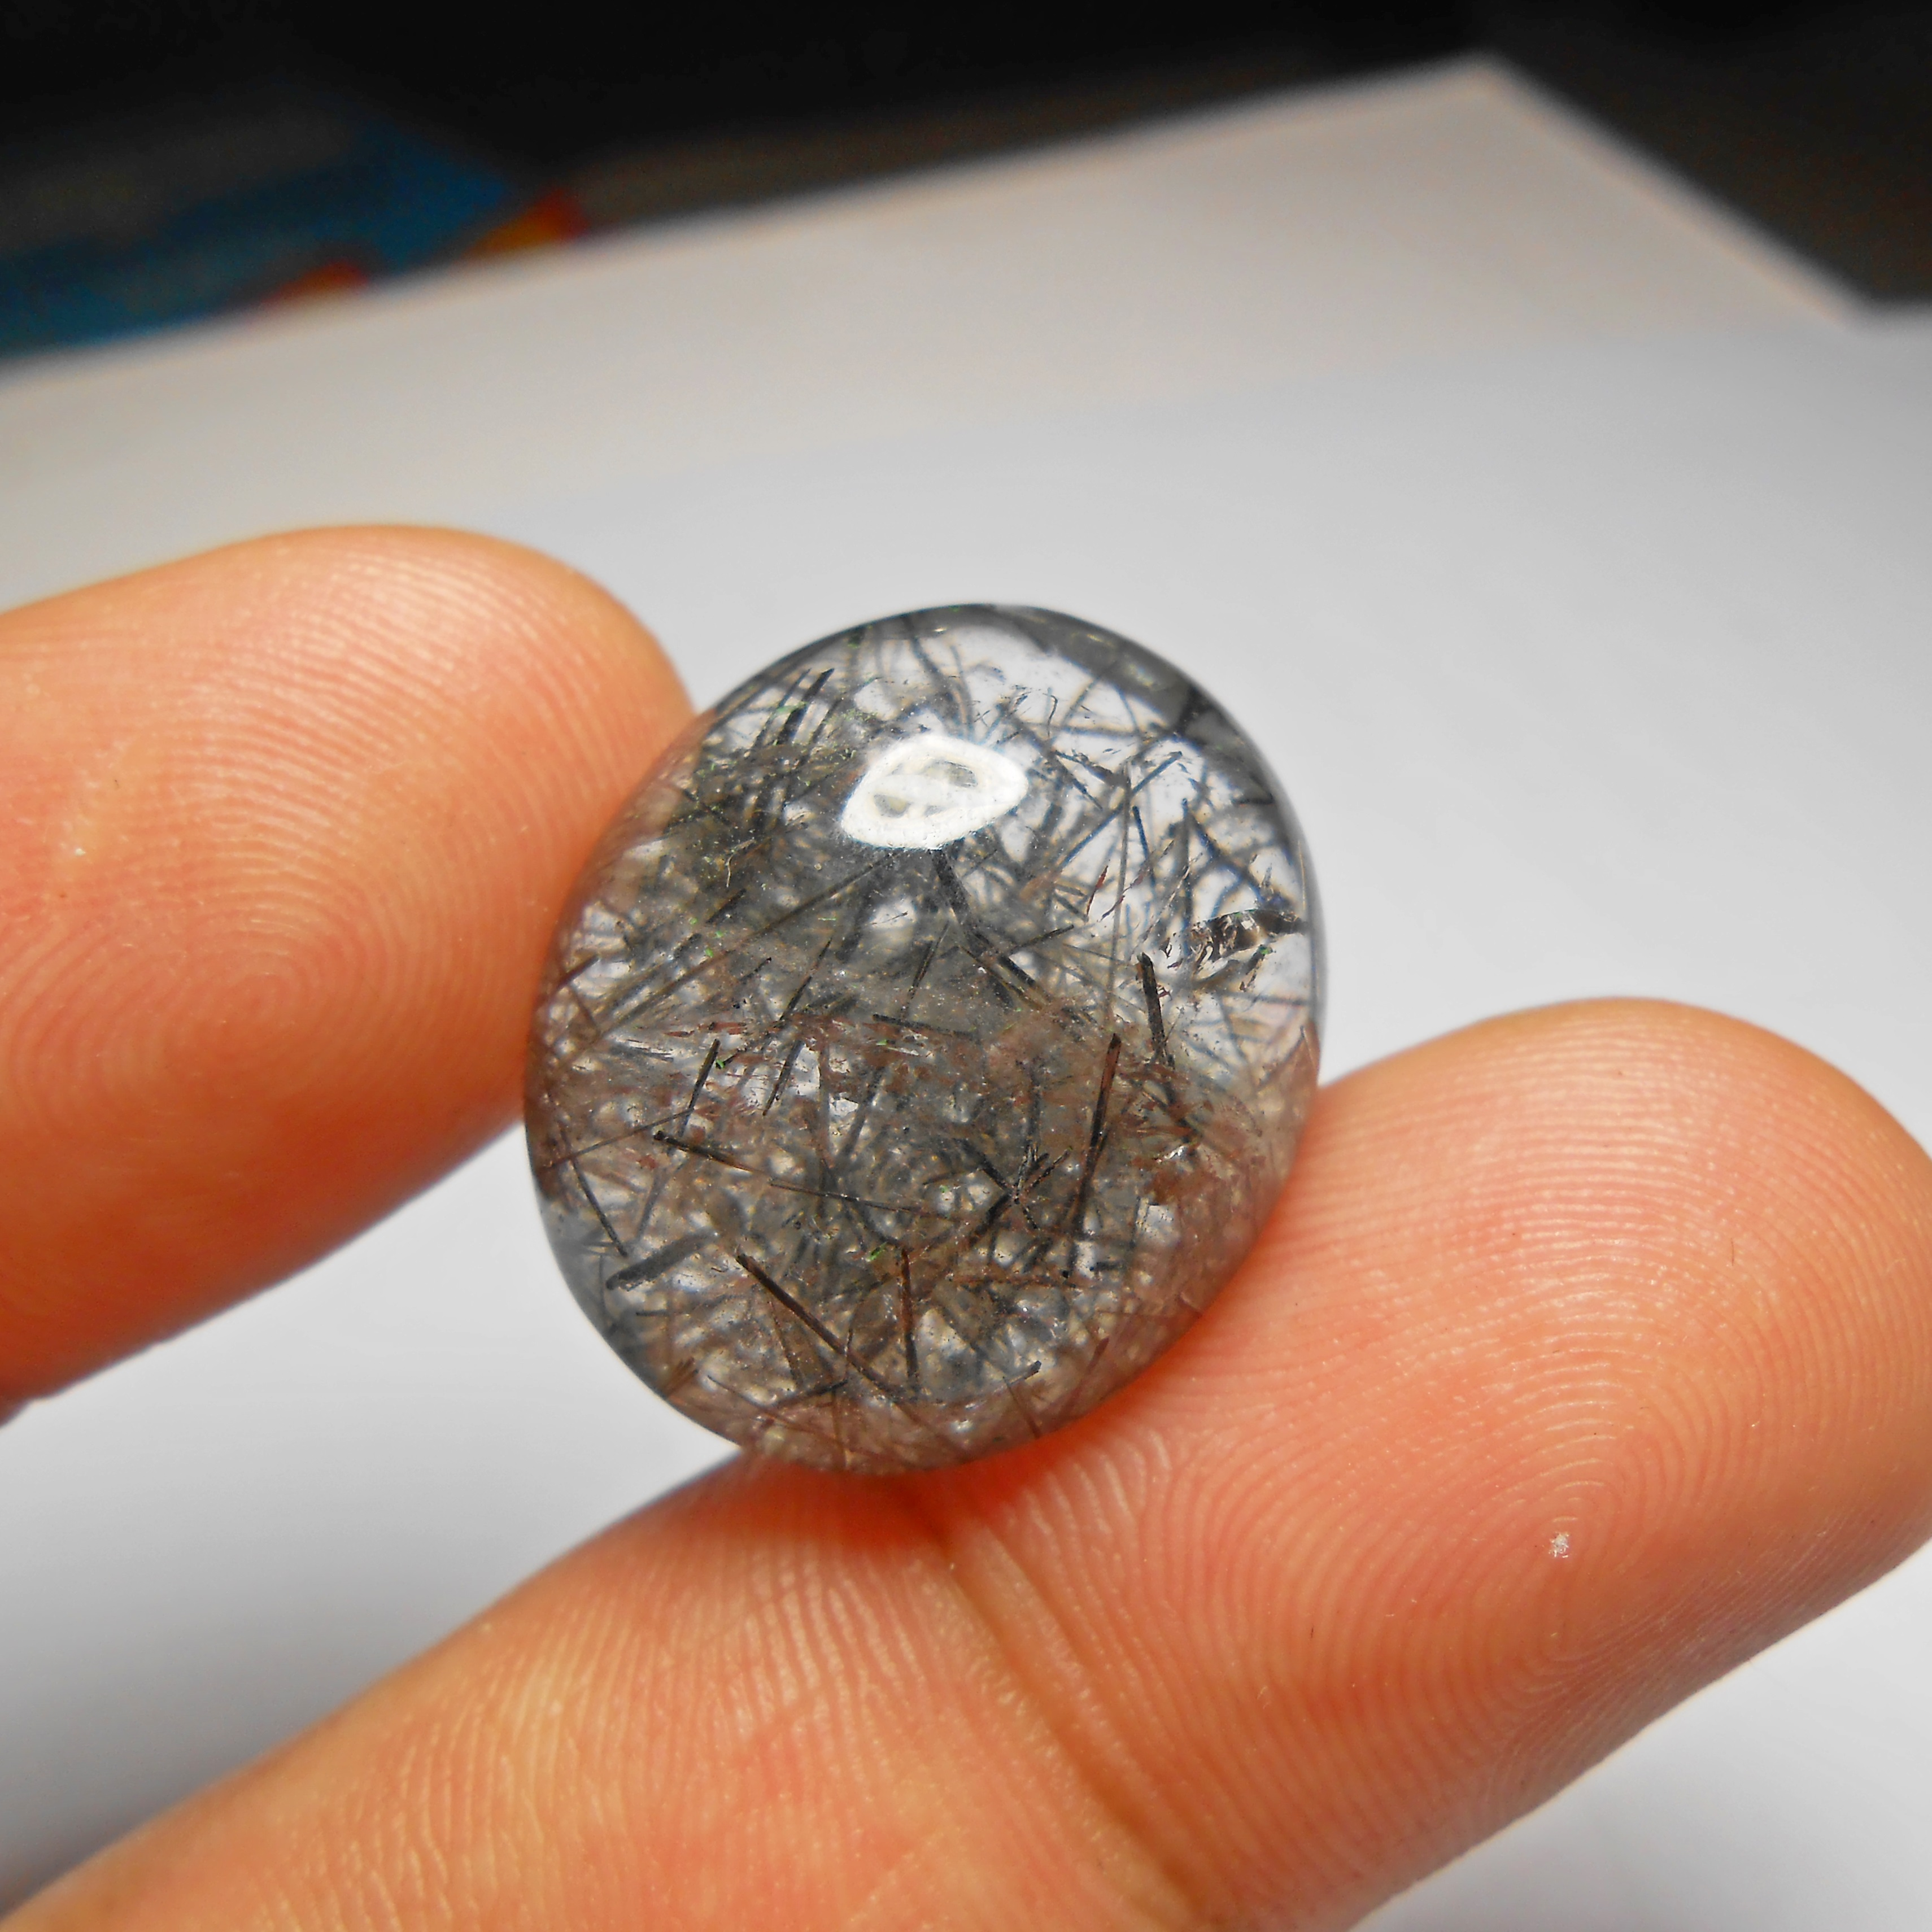 แก้วขนเหล็ก เส้นคมสวย ขนาด 2.4x2cm ทำแหวน จี้